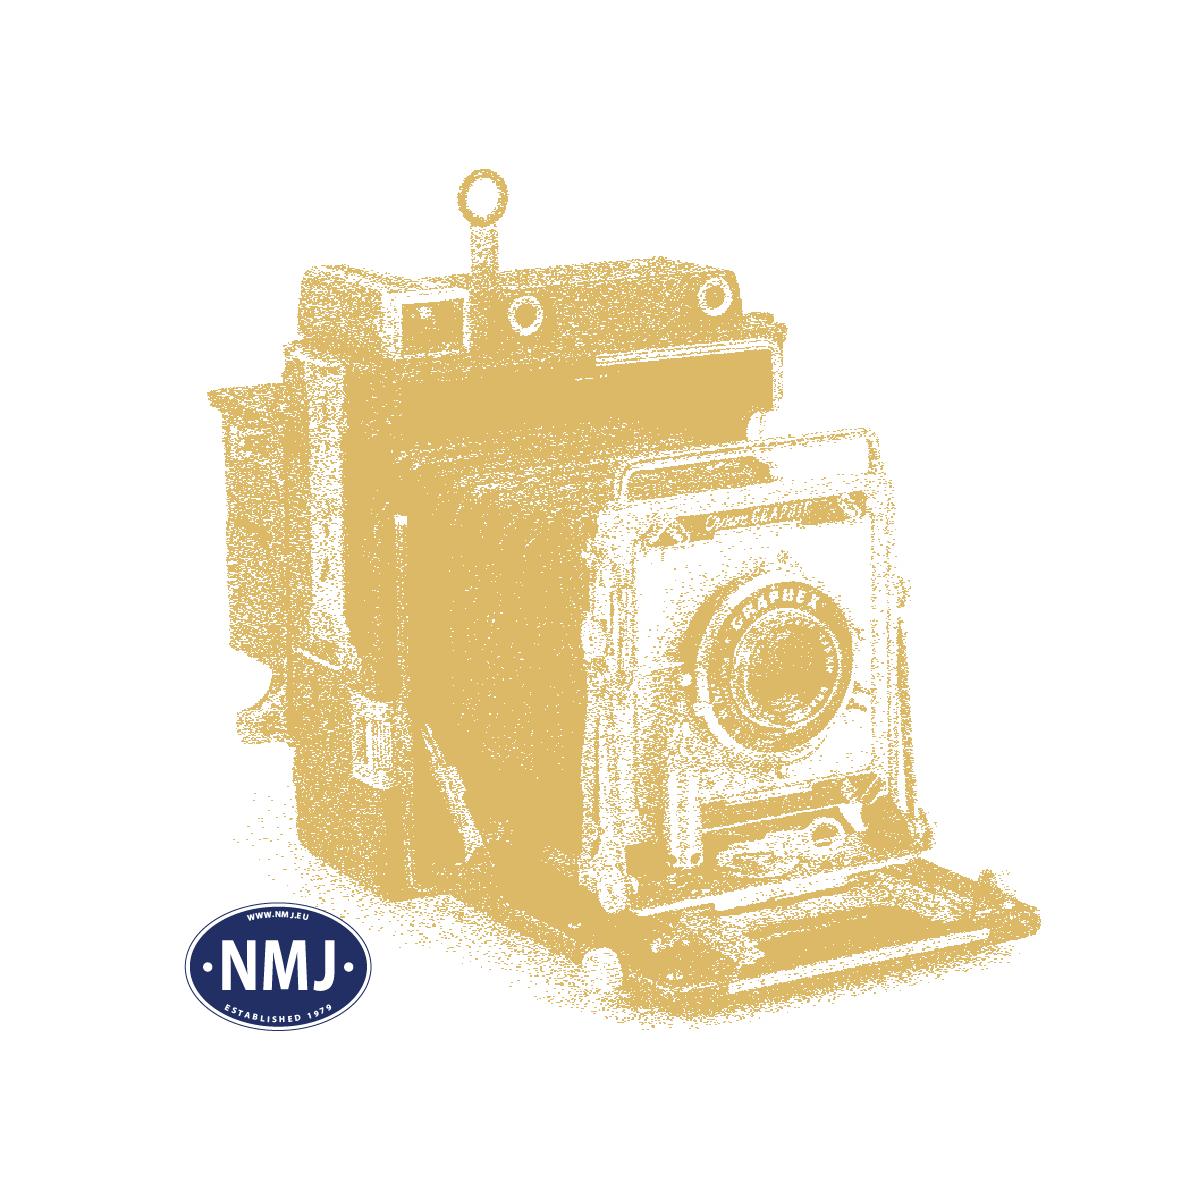 NMJT90402 - NMJ Topline SNCB 202003, DC